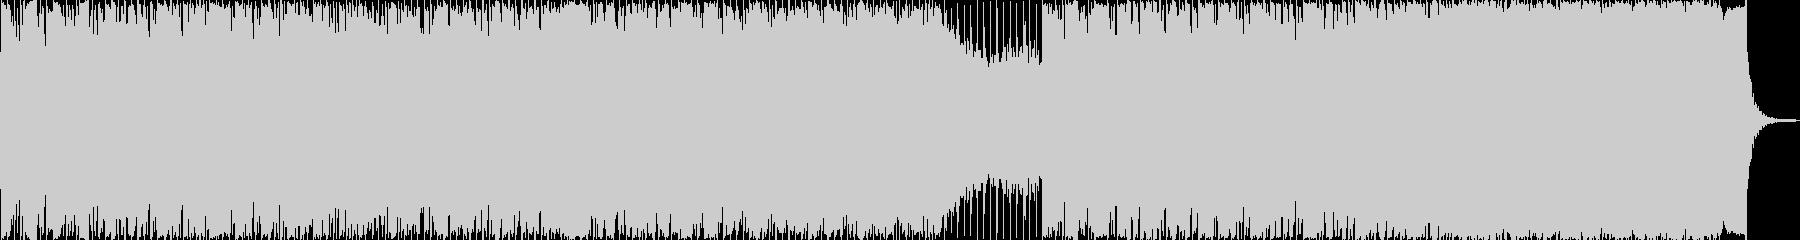 インディーロック ポップロック ポ...の未再生の波形